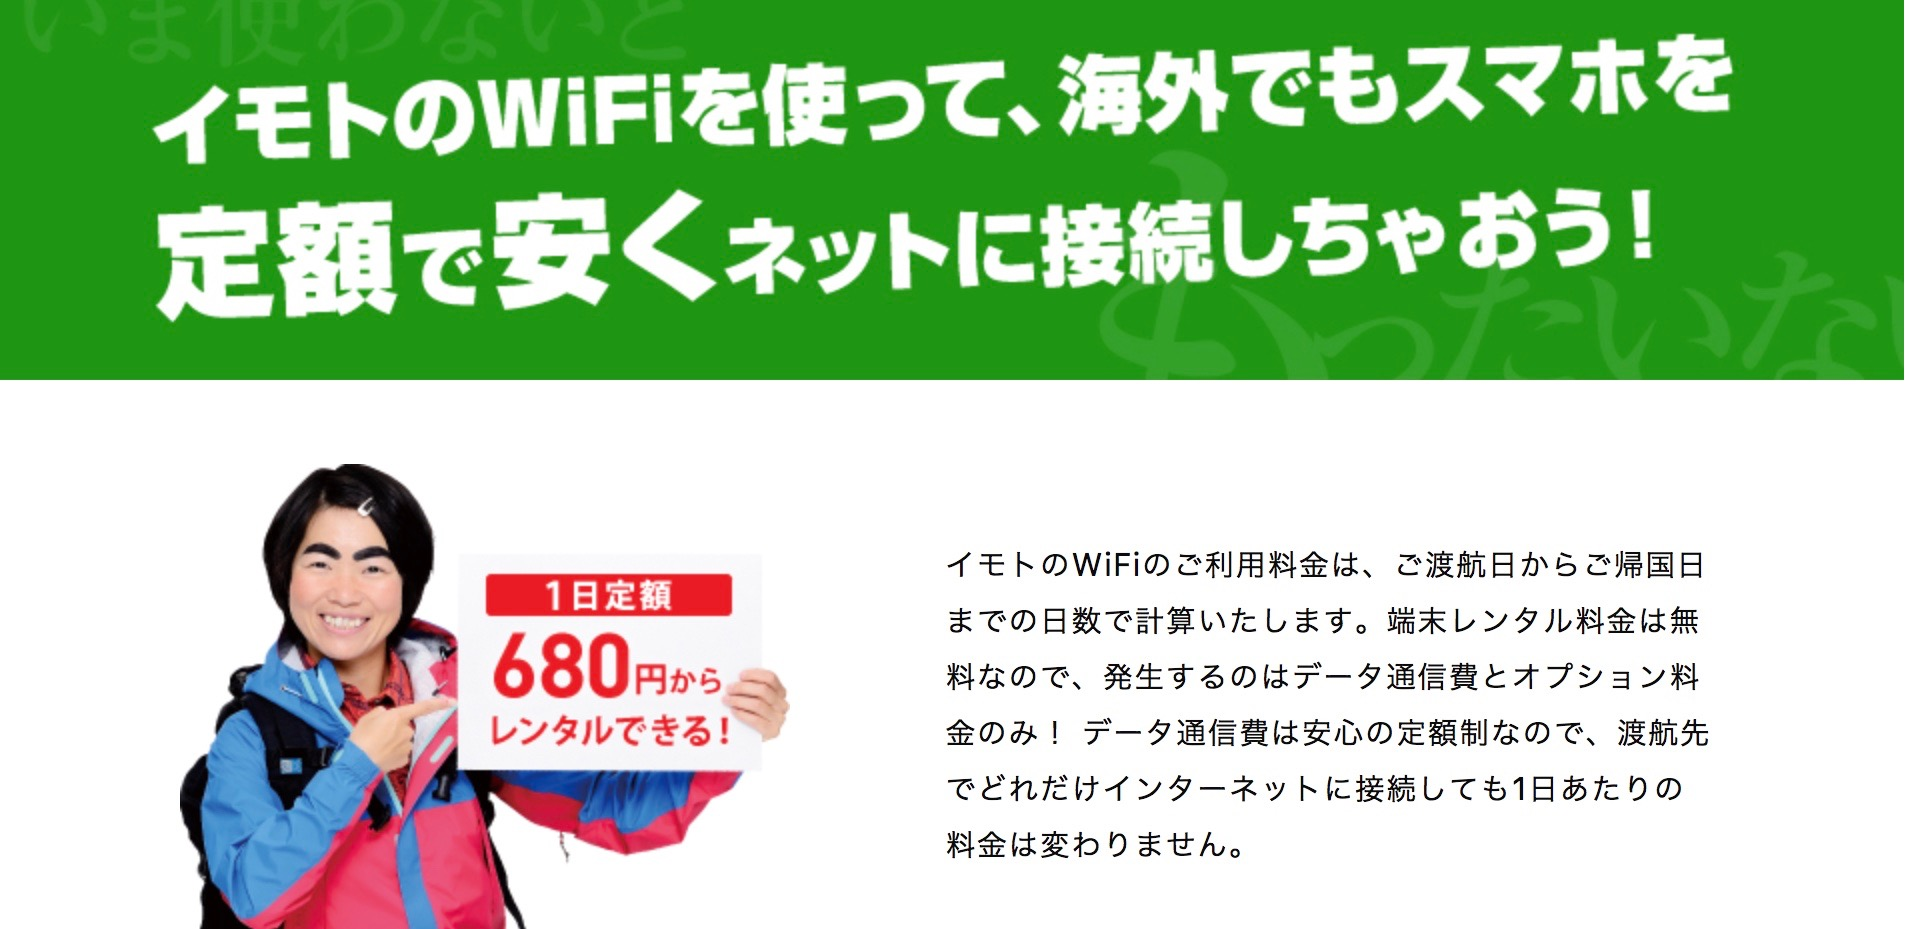 羽田空港wifi